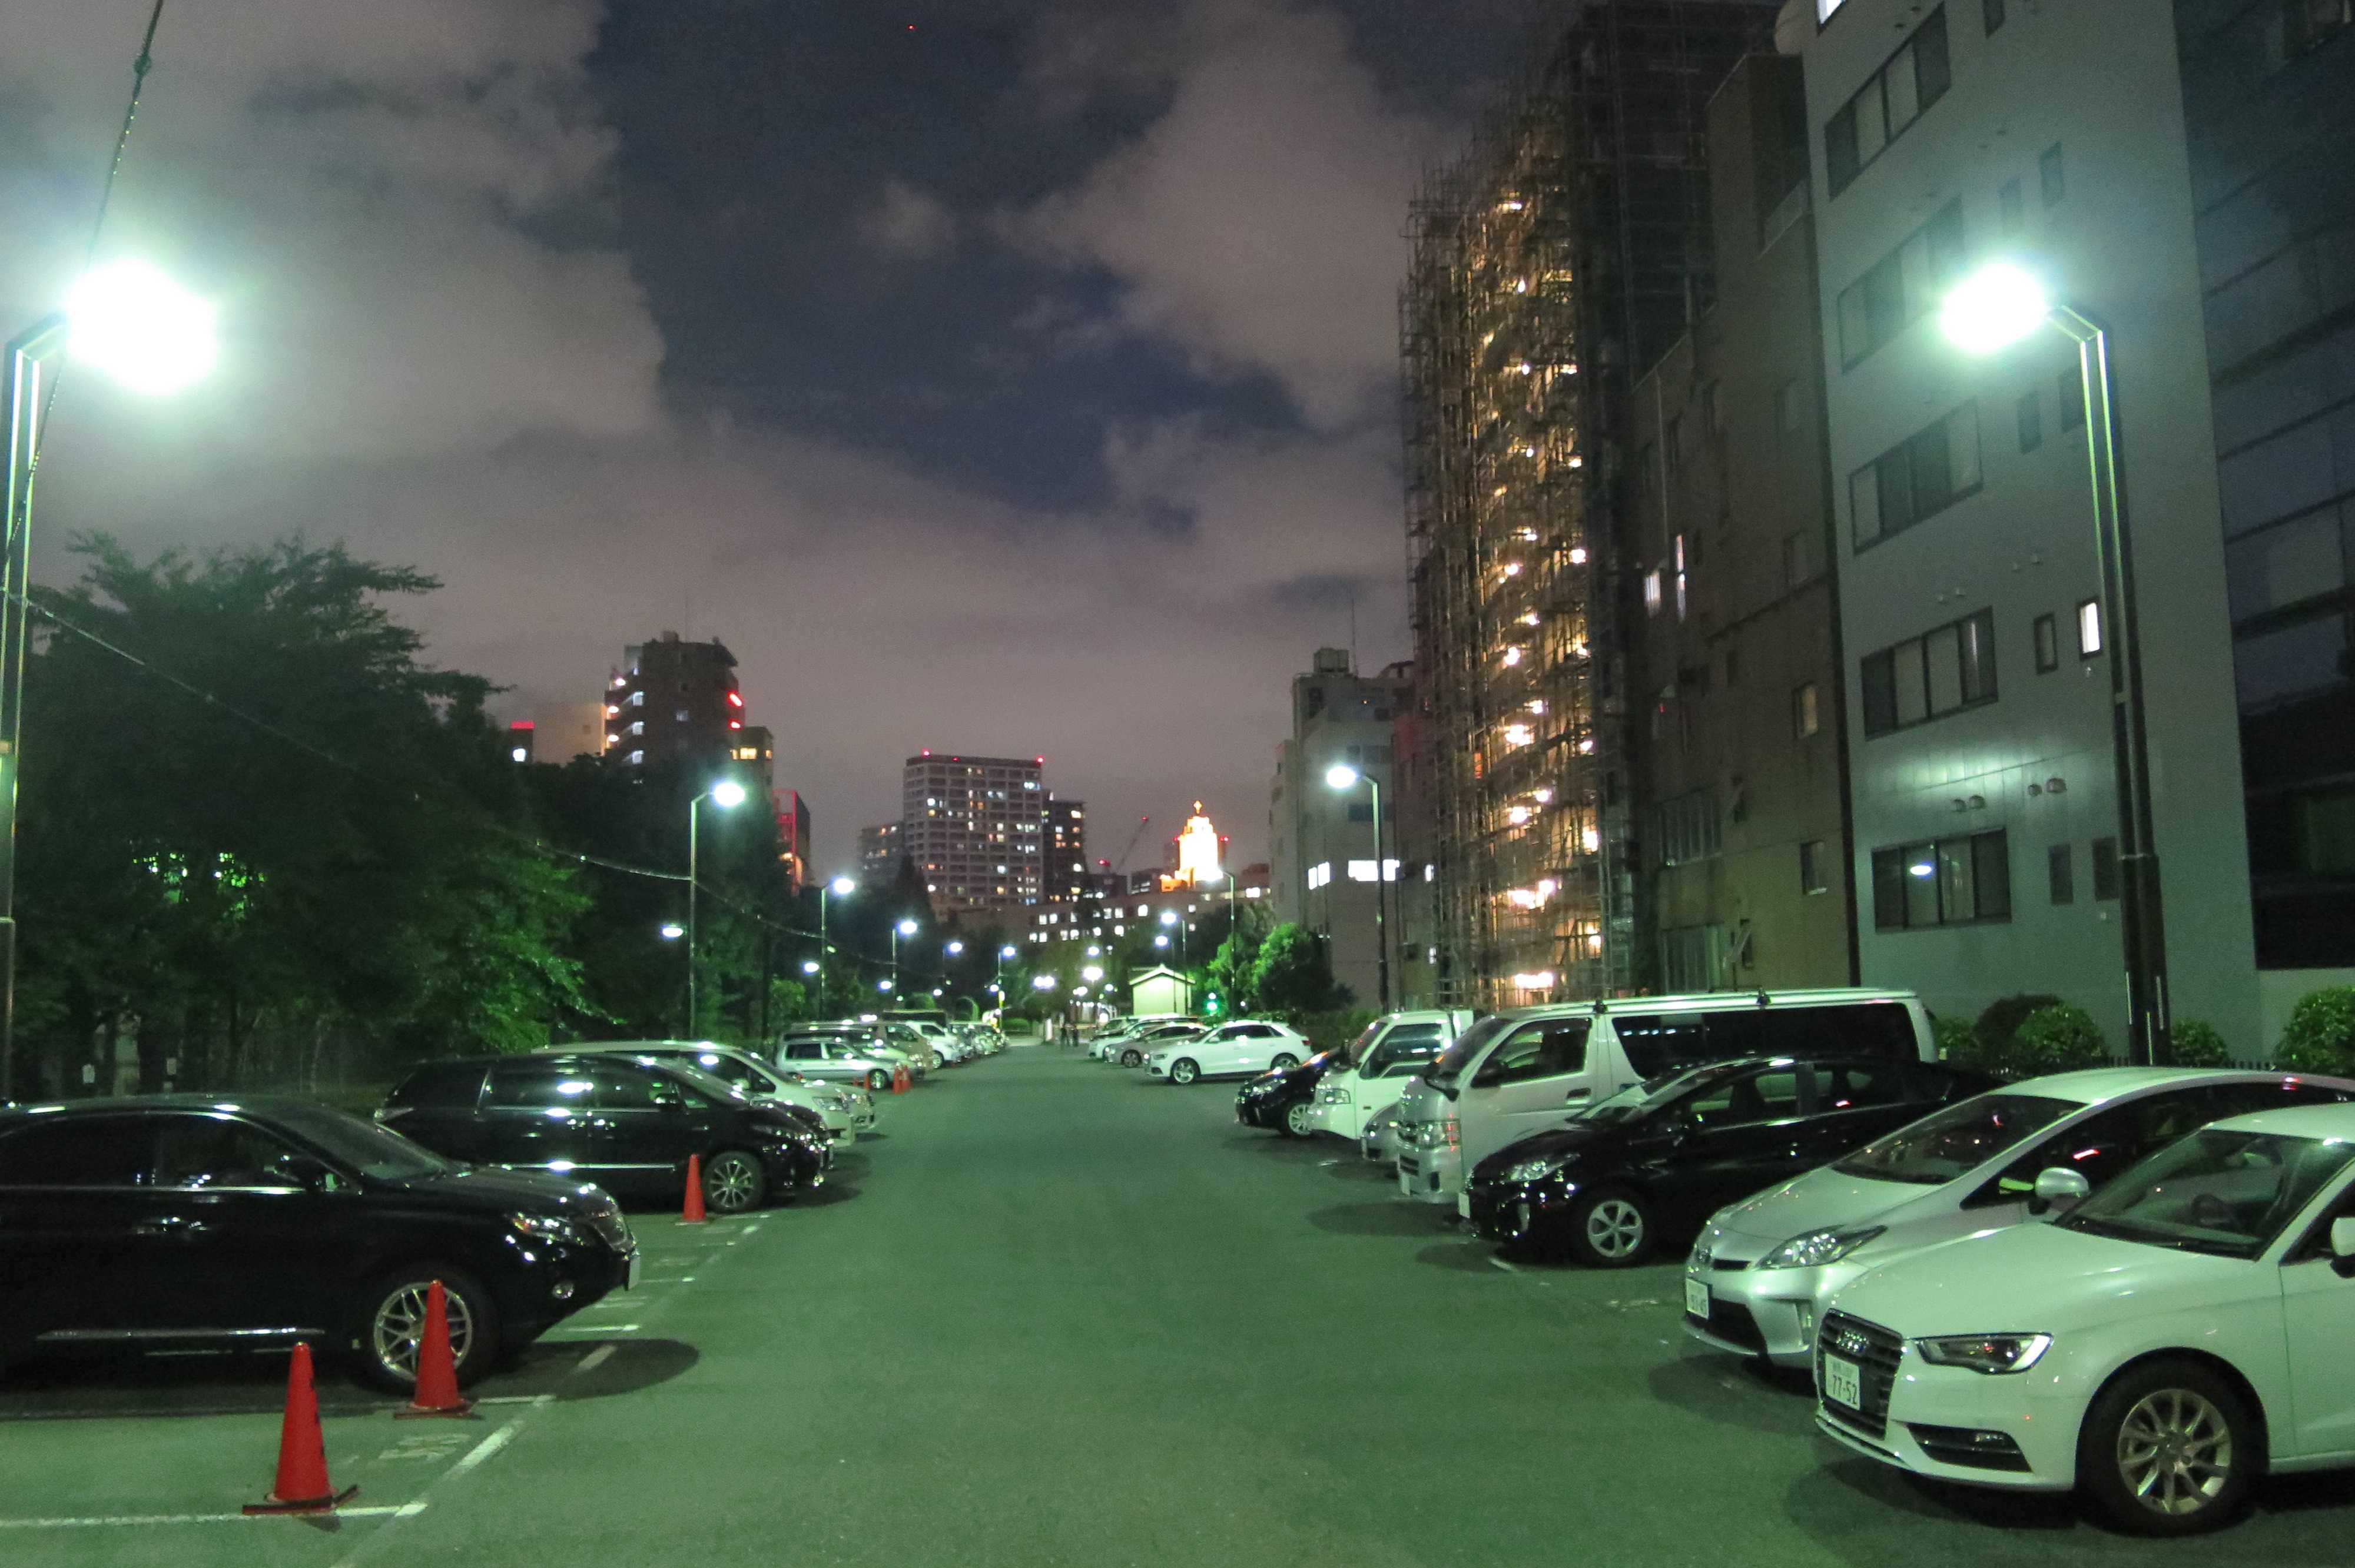 築地エリア - 築地の街から見えた聖路加国際病院